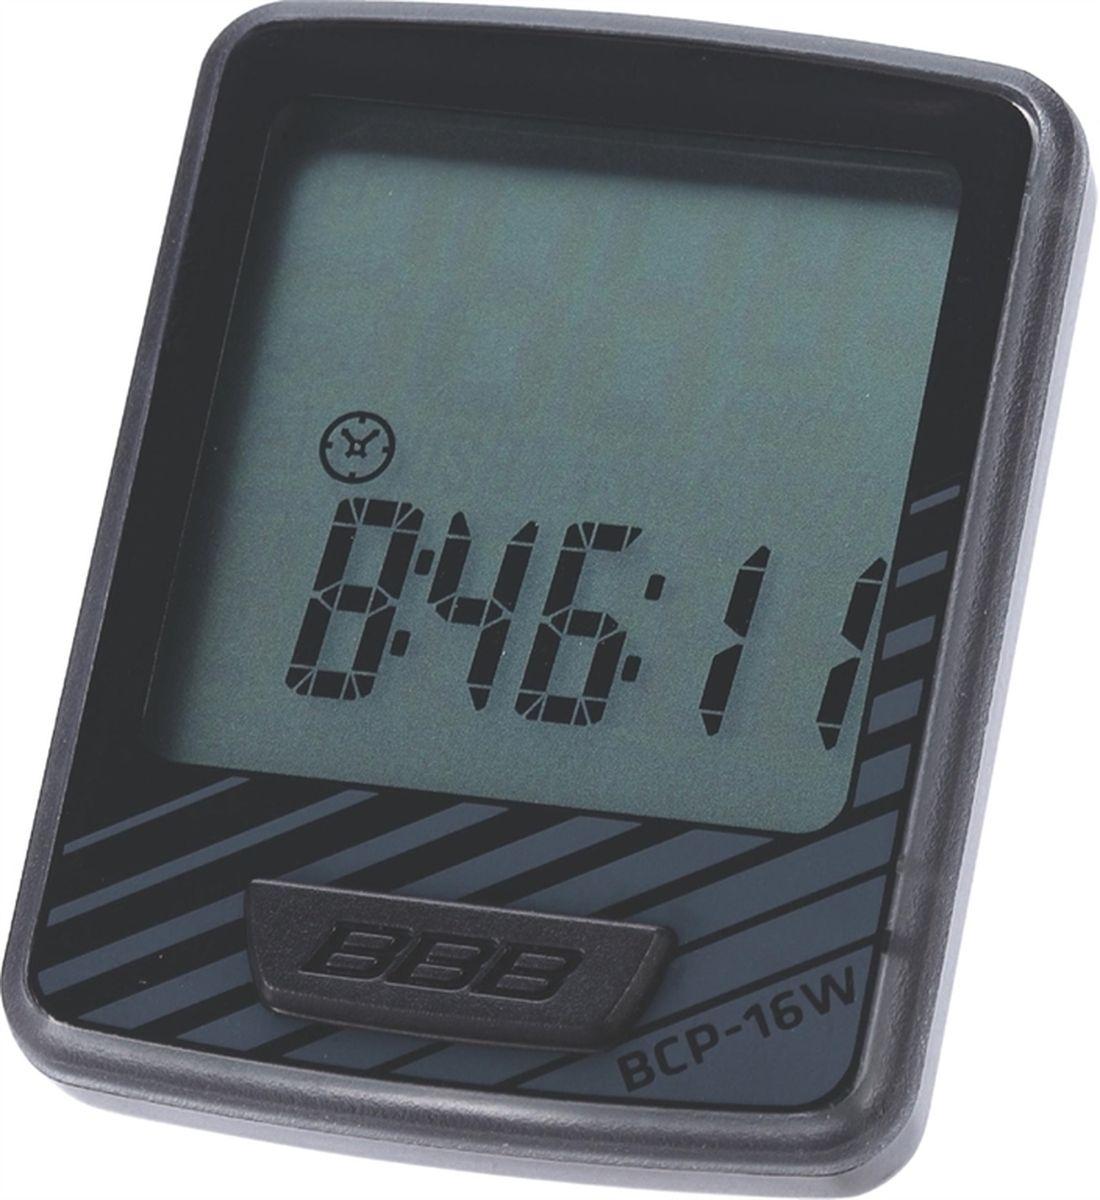 Велокомпьютер BBB DashBoard , 12 функций, цвет: черный, серыйBCP-16WВелокомпьютер DashBoard стал, в своем роде, образцом для подражания. Появившись в линейке в 2006 году как простой и небольшой велокомпьютер с большим и легкочитаемым экраном, он эволюционировал в любимый прибор велосипедистов, которым нужна простая в использовании вещь без тысячи лишних функций. Когда пришло время обновить DashBoard, мы поставили во главу угла именно простоту дизайна и использования, в то же время, выведя оба этих параметра на новый уровень. Общий размер велокомпьютера уменьшился за счет верхней части корпуса. Но сам размер экрана остался без изменений - 32 на 32мм, позволяющие легко считывать информацию. Управление одной кнопкой также было сохранено в новой версии. Упрощение конструкции осзначает также меньшее количество швов и лучшую влагозащиту. Так что, DashBoard стал лучше, но остался тем же самым верным другом и помочником, что и был. Беспроводной компьютер с 12 функциями: Текущая скорость Расстояние поездки Одометр ...